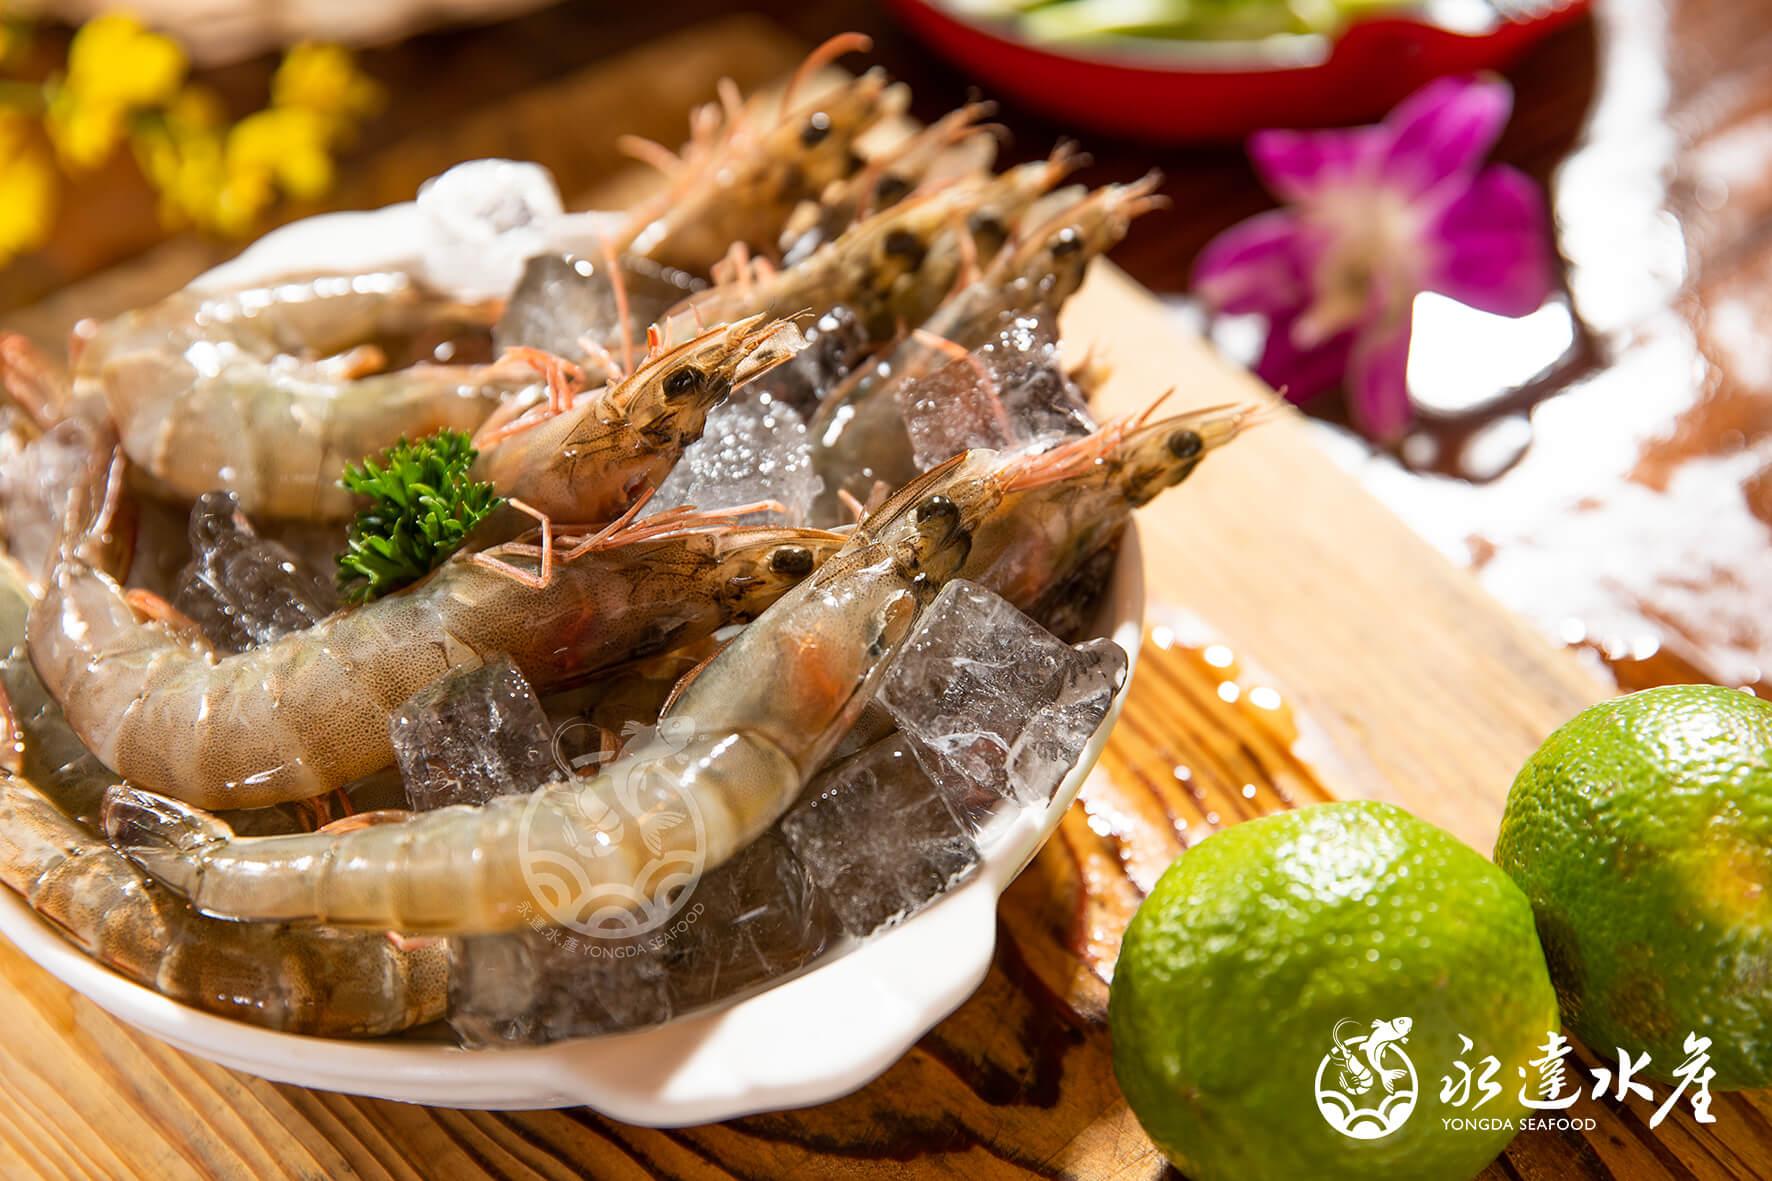 水產|海鮮|鮮凍極品大白蝦|大白蝦|白蝦|白對蝦|白腳蝦|蝦肉|蝦